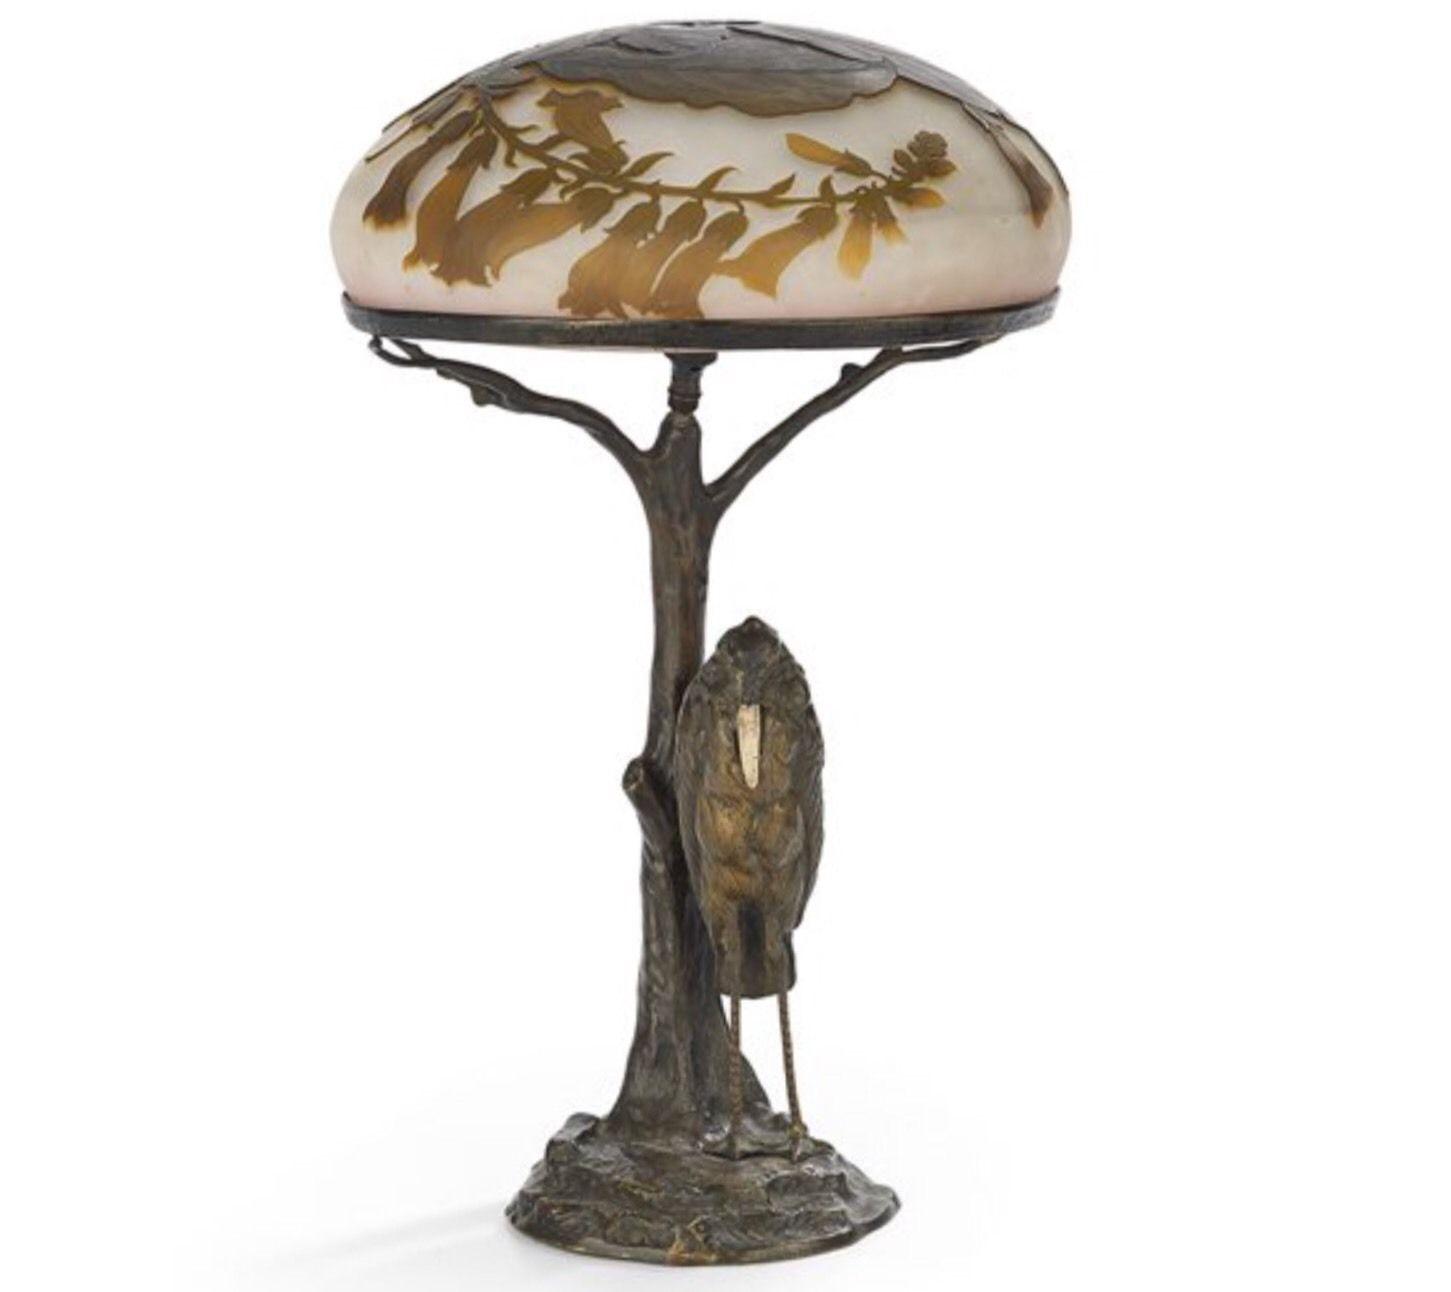 エミールガレ最高傑作の大型ランプ